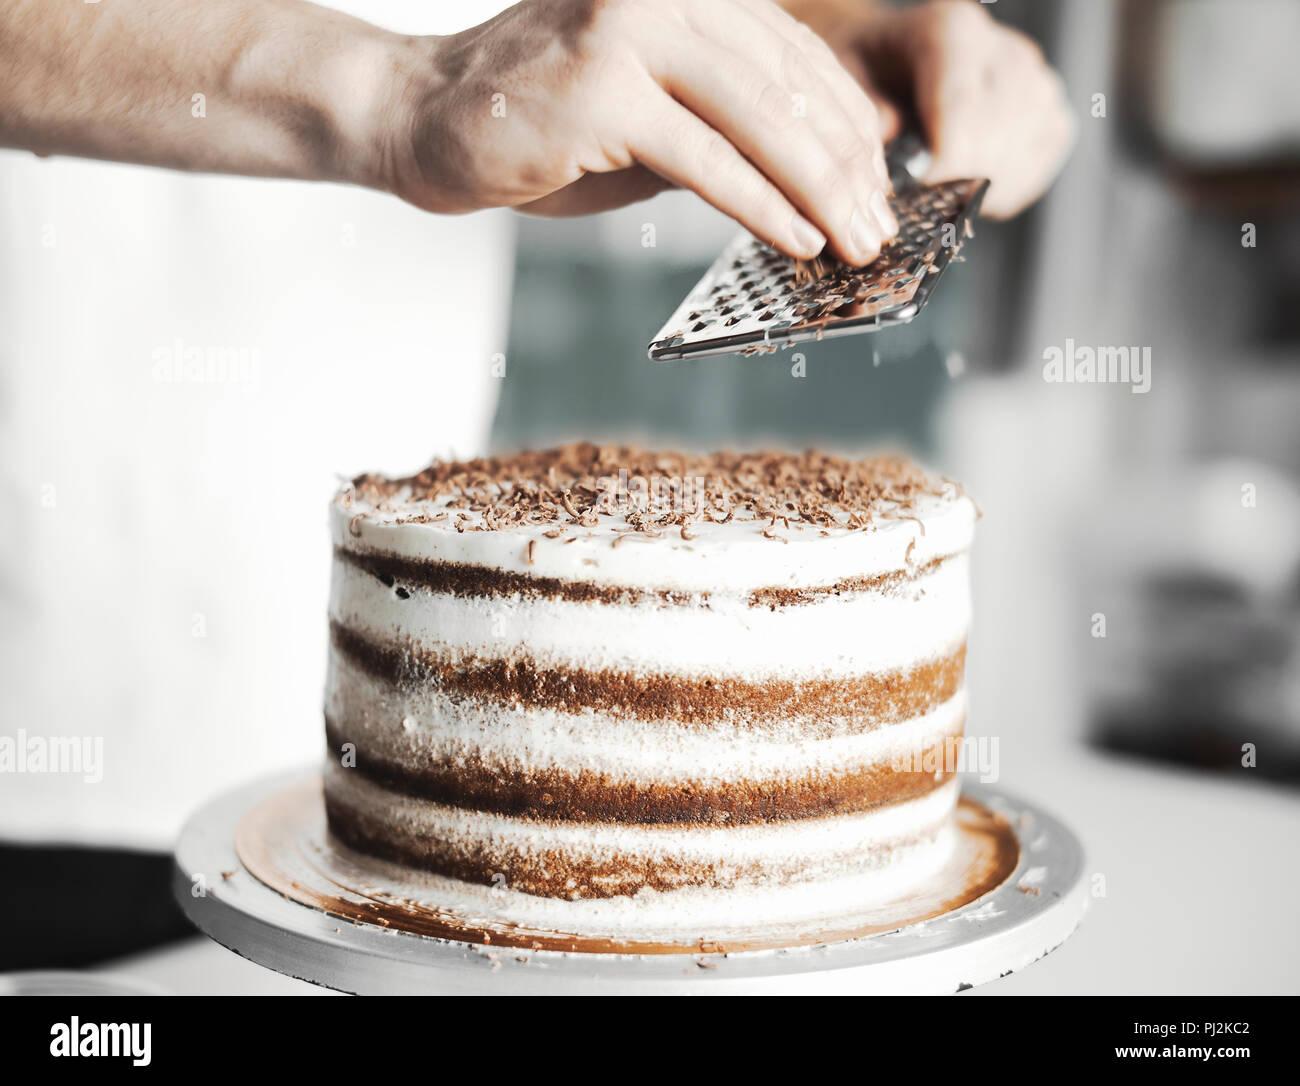 In Der Nahe Der Jugendlichen Attraktive Kochen Kuchen Dekorieren Mit